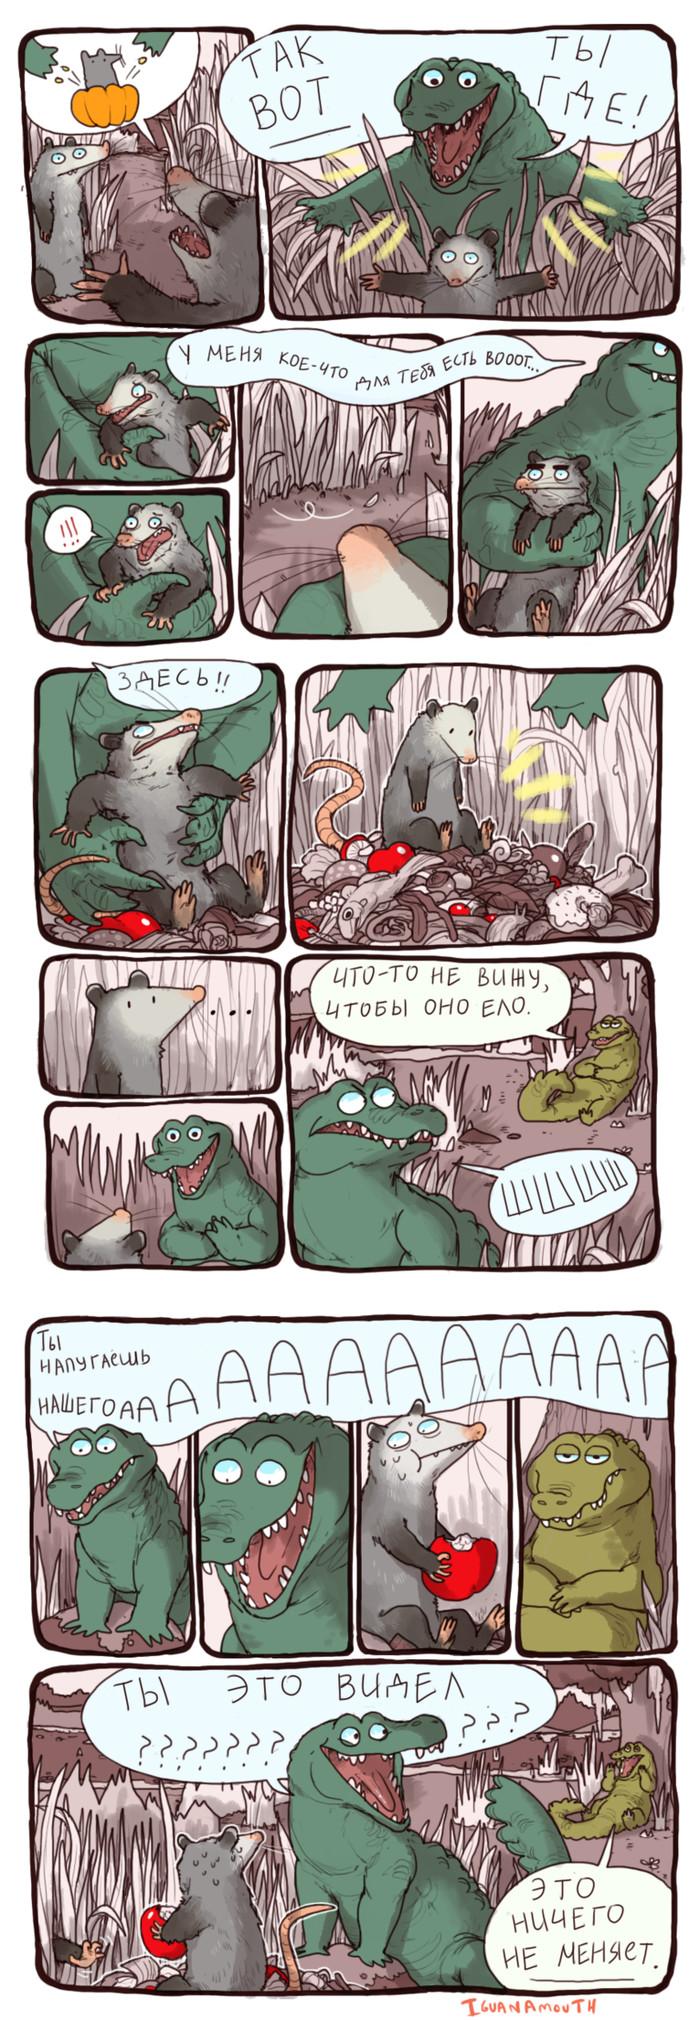 Крокодилий питомец Кроколил, Iguanamouth, Опосум, Комиксы, Длиннопост